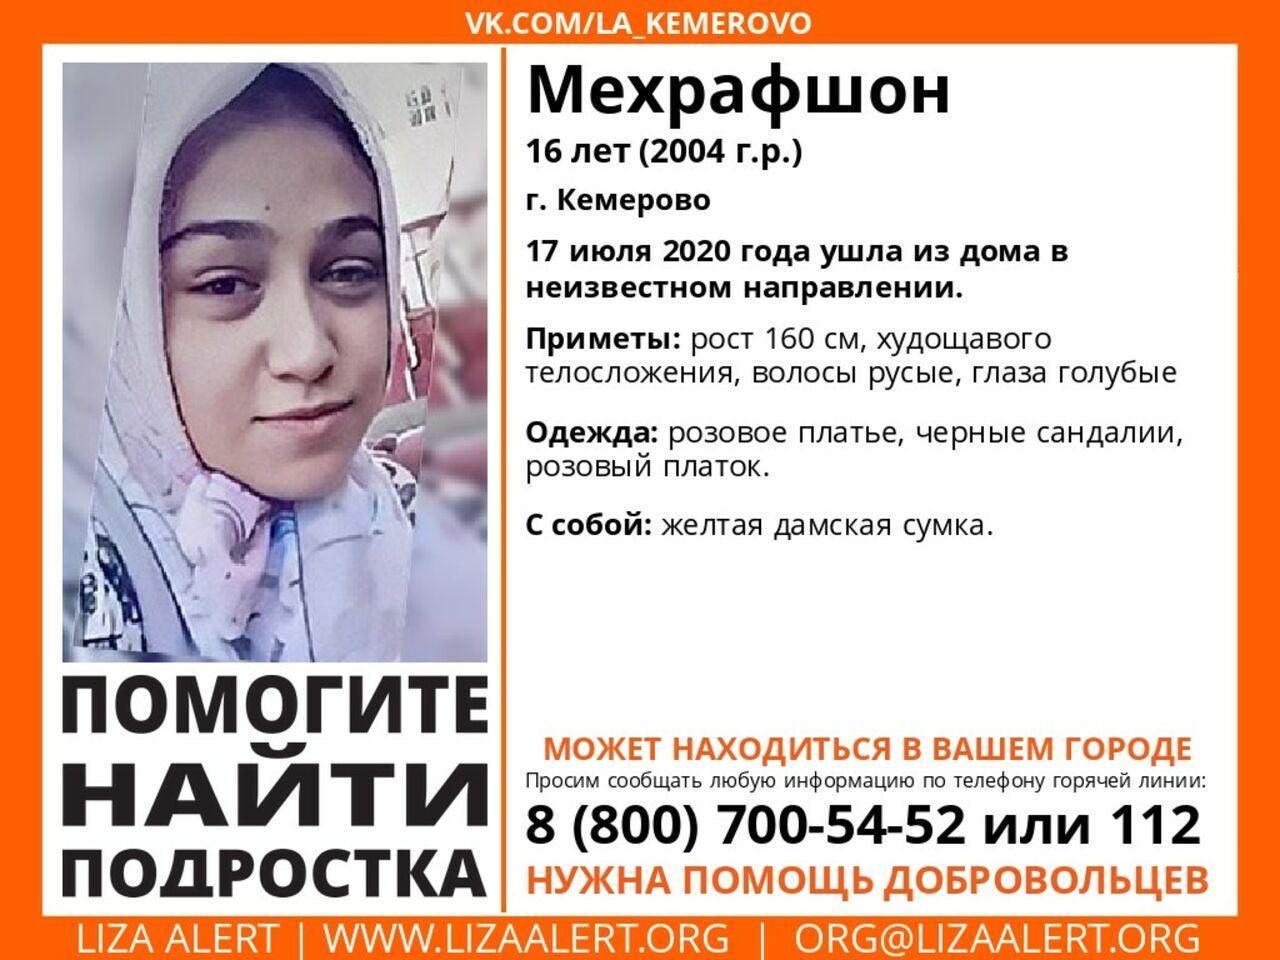 Работа для девушек в кемерово 16 лет ищу работу девушка для досуга